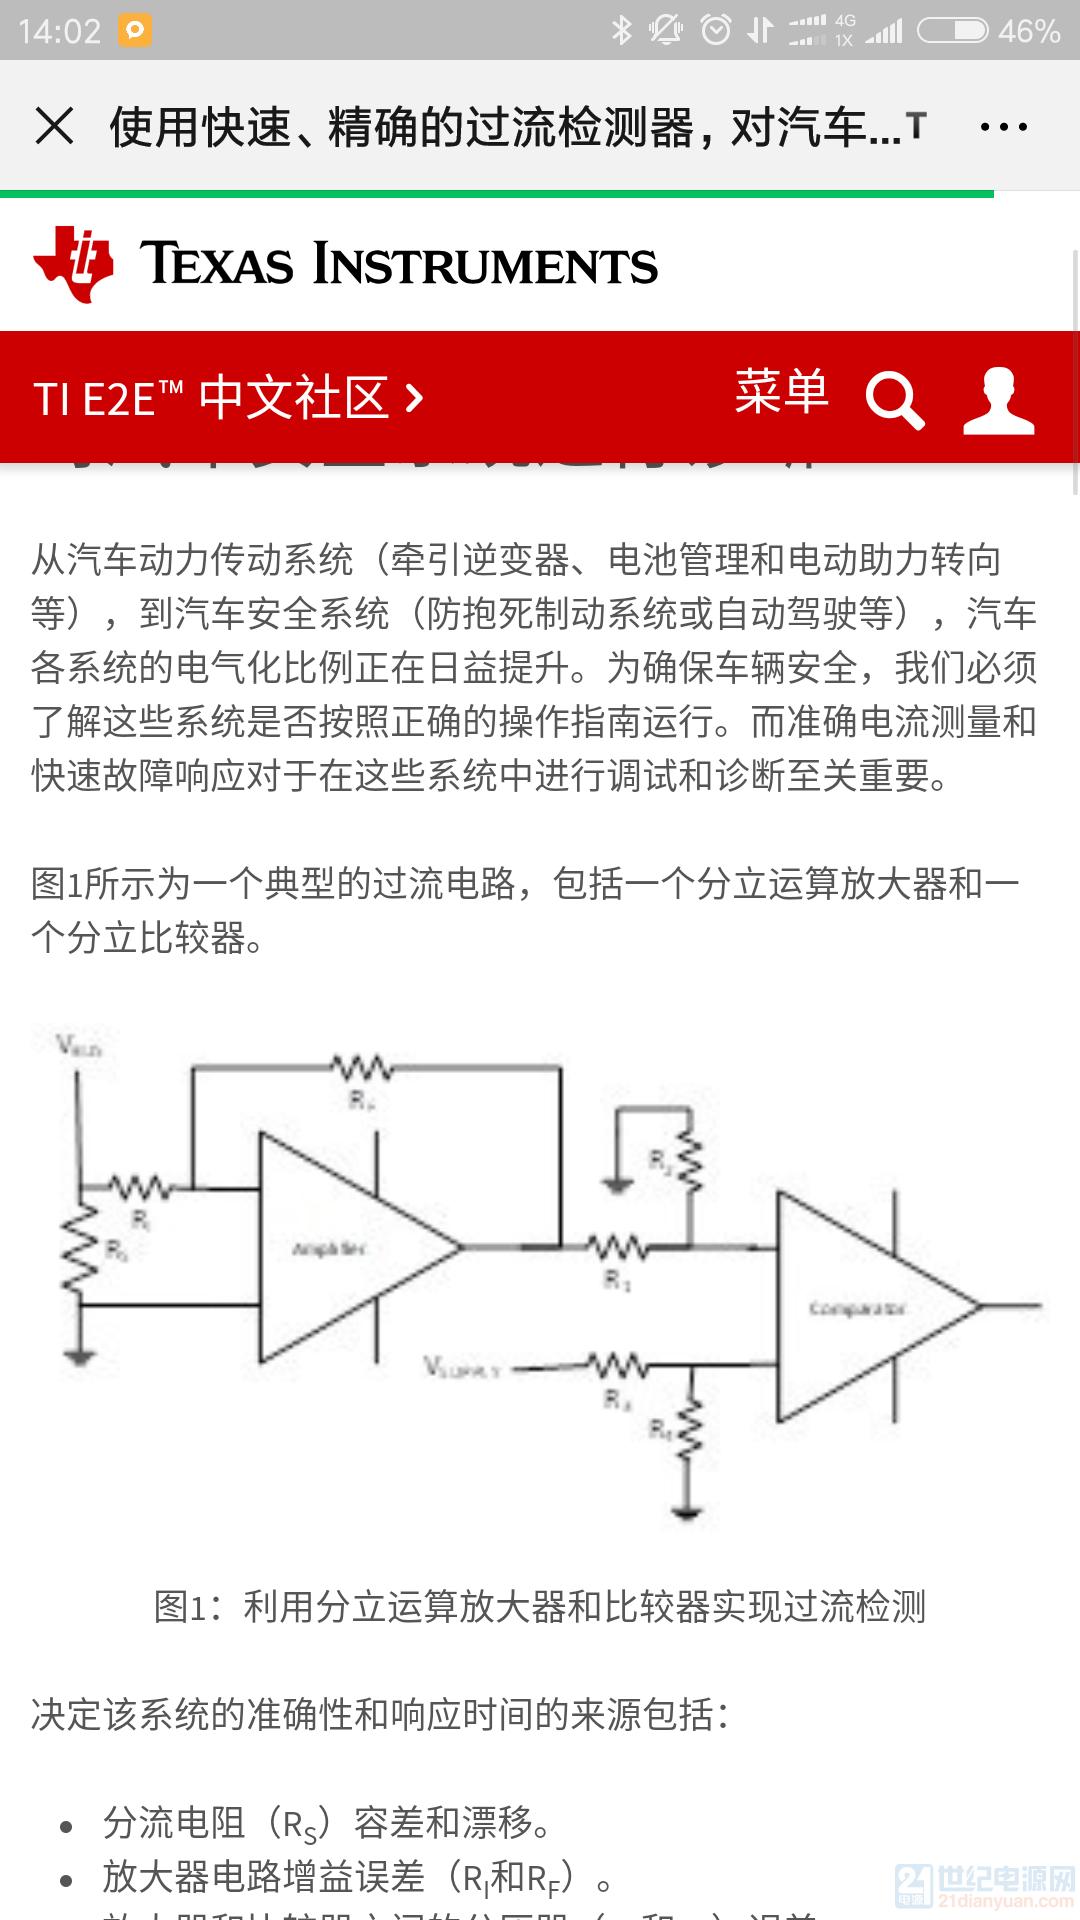 Screenshot_2019-11-01-14-02-45-542_com.tencent.mm.png